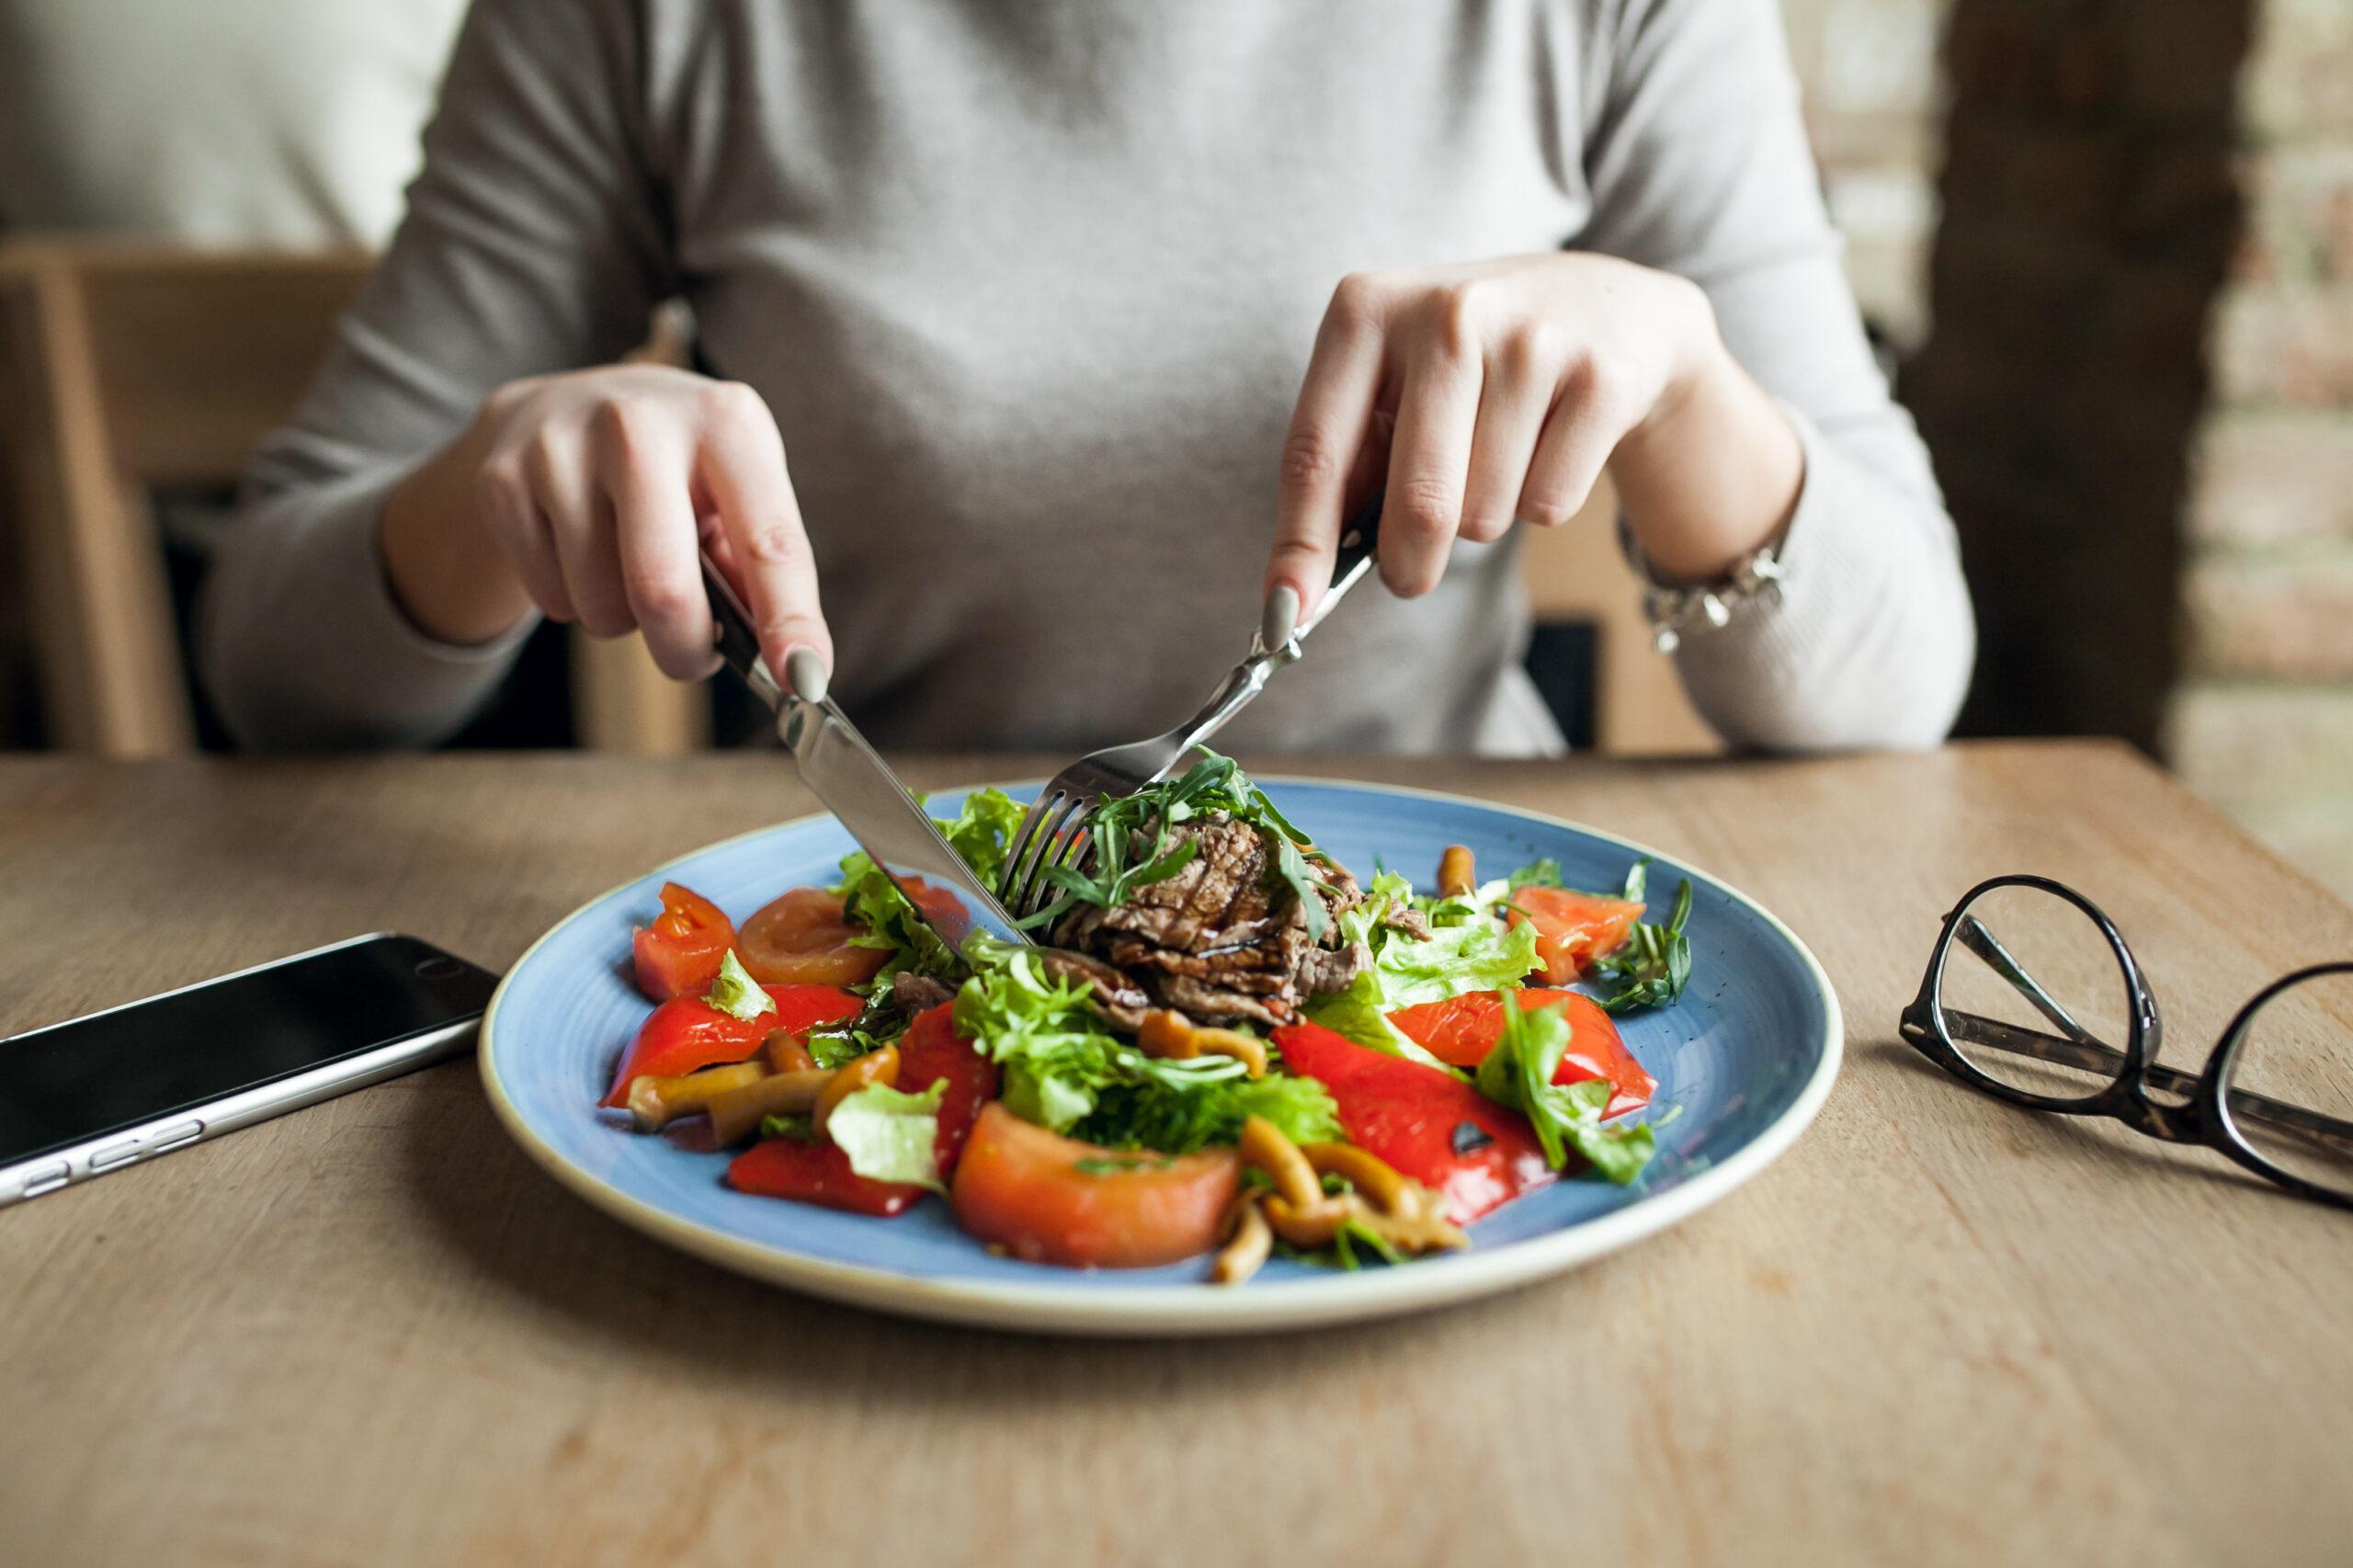 分子栄養学をベースとした栄養指導